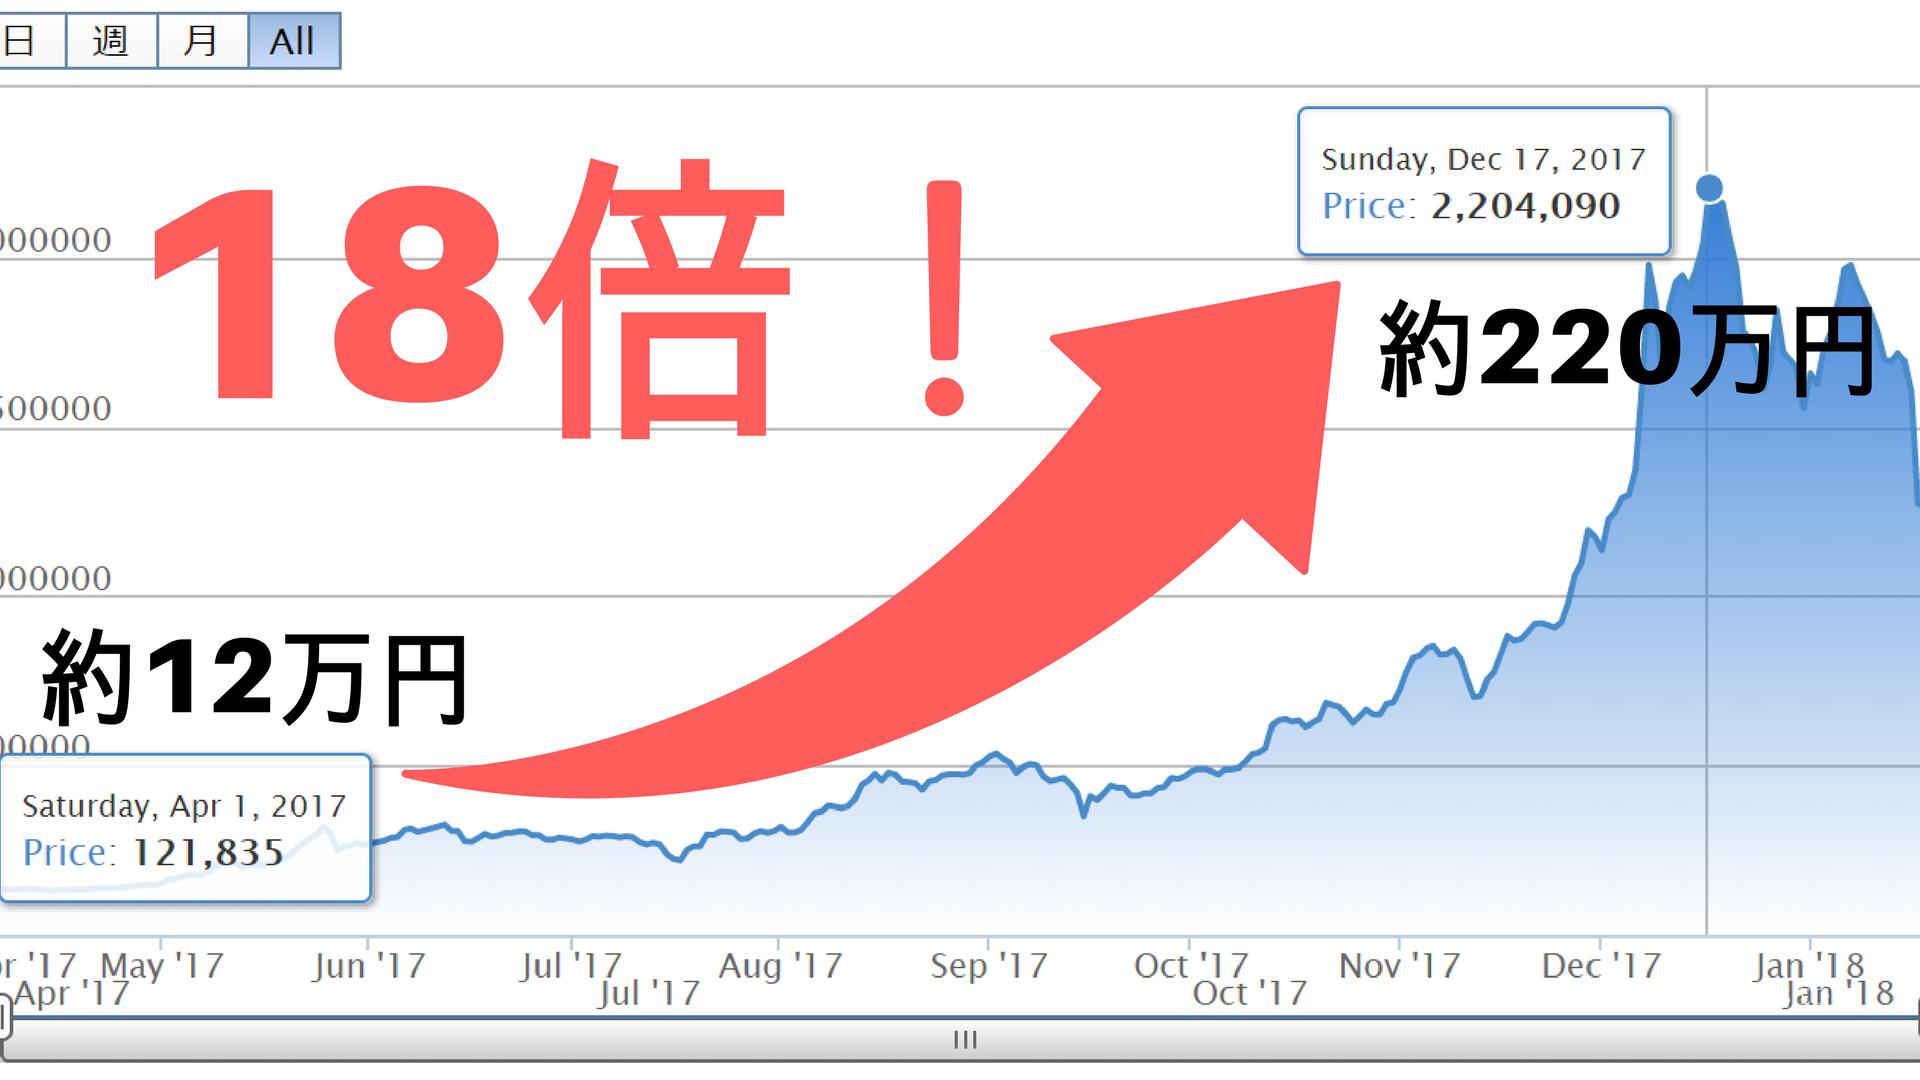 ビットコイン(BTC)7年後には1億円に?仮想通貨関連企業のCEOが可能性を示唆 | CoinChoice